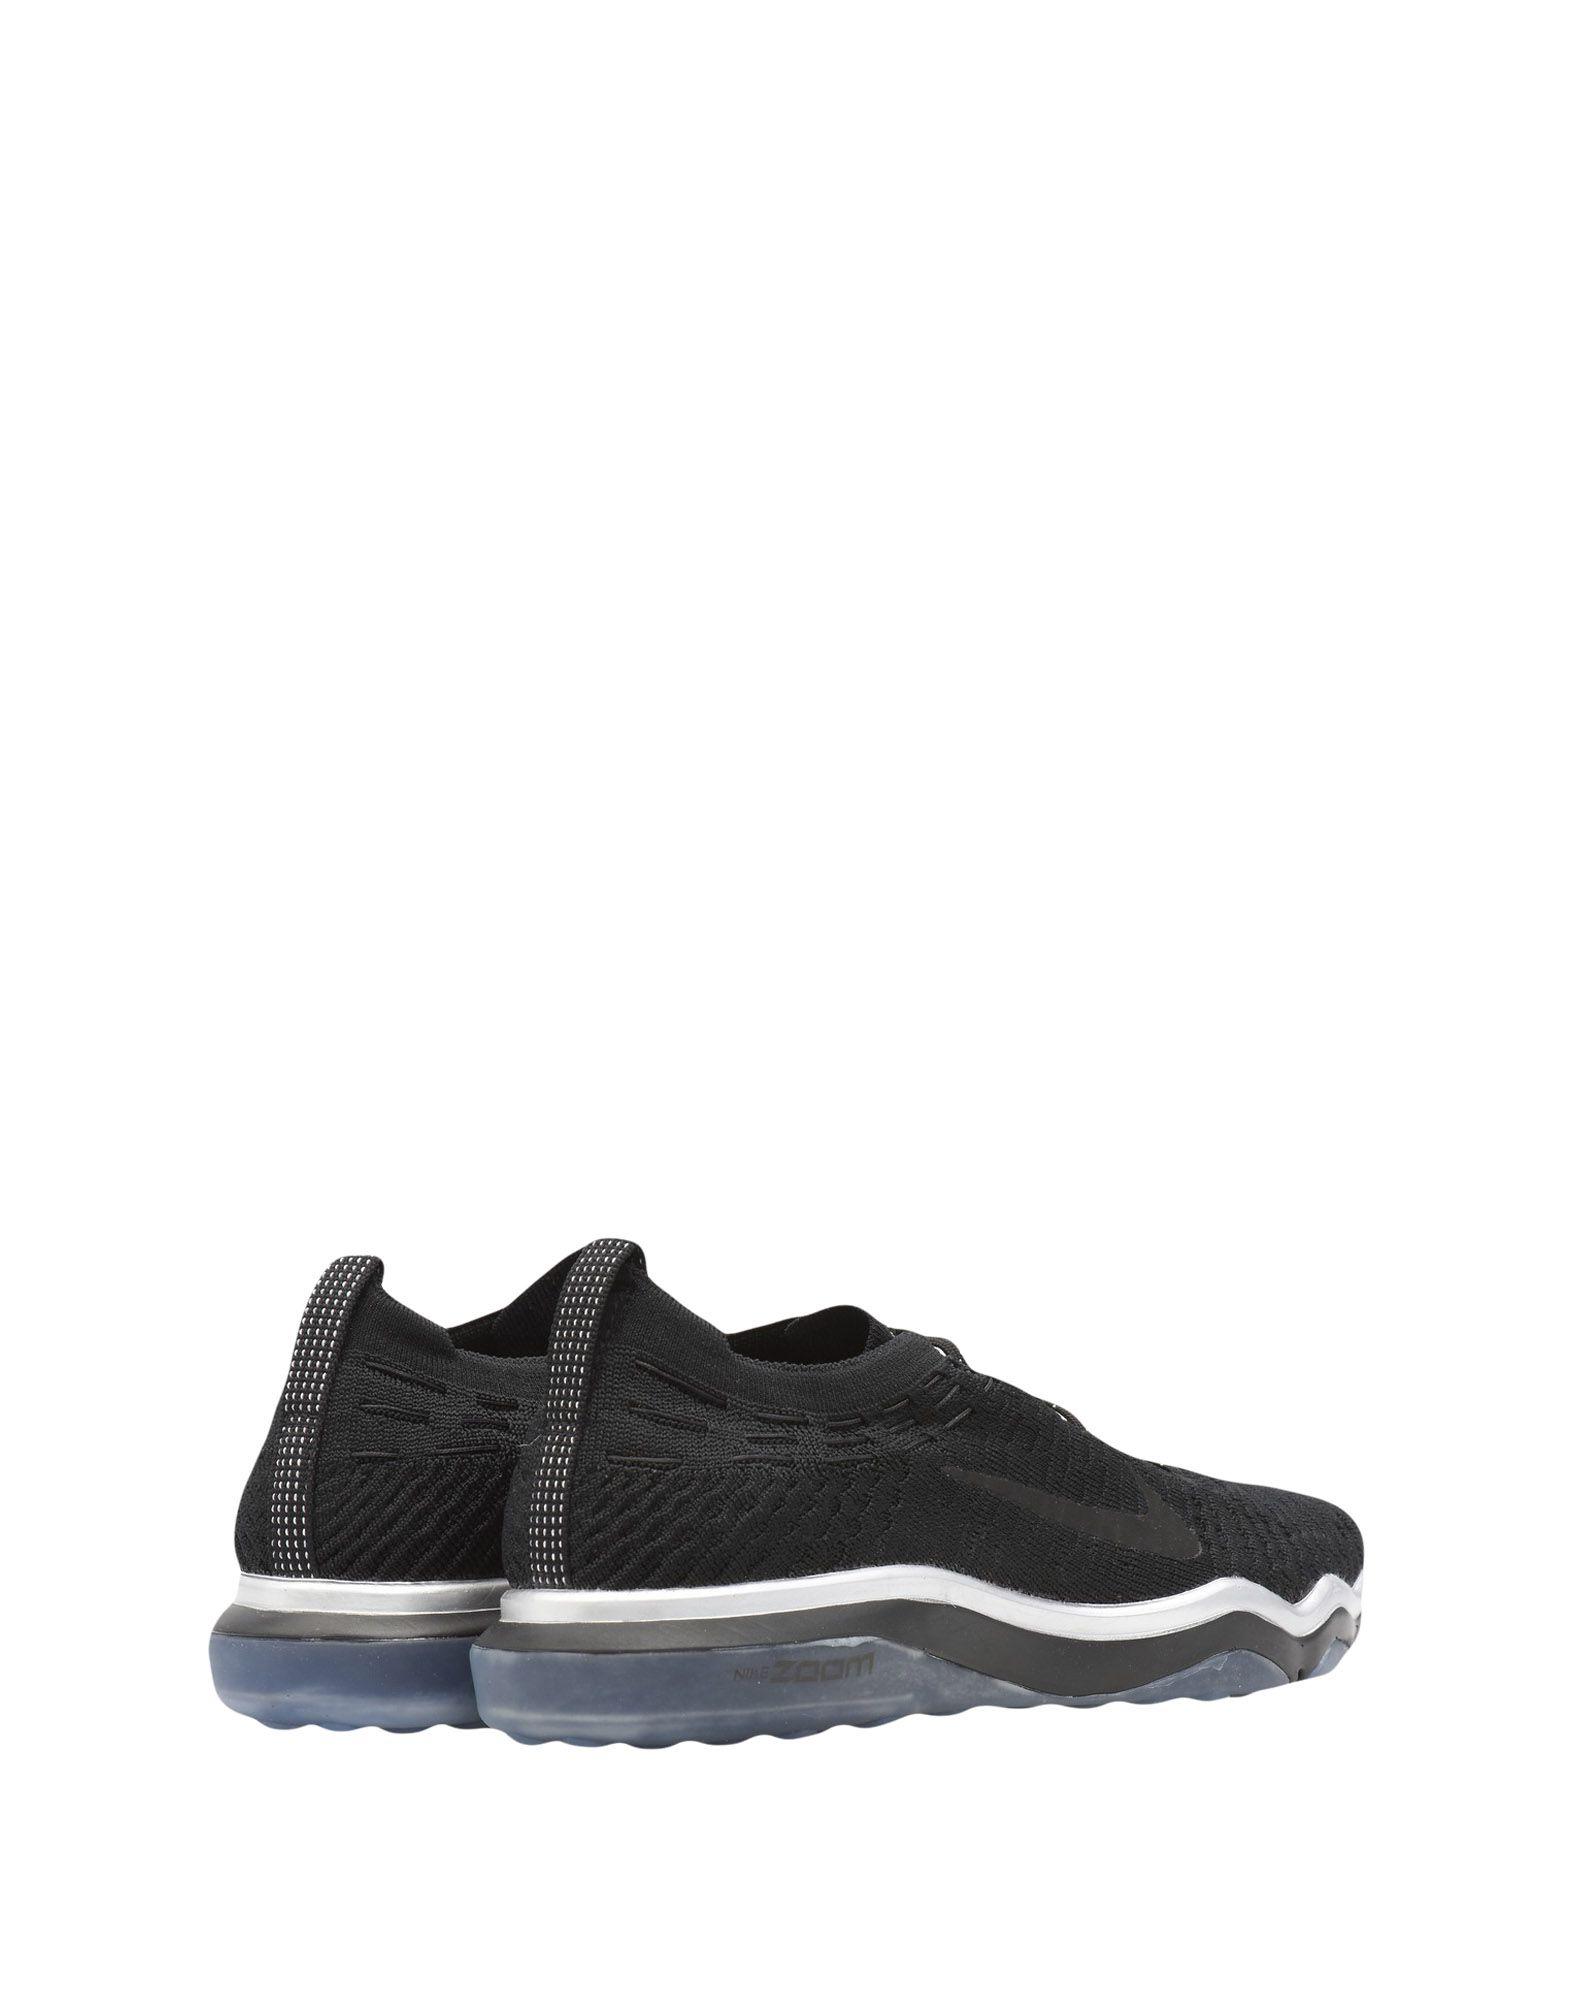 Sneakers Nike Air Zoom Fearless Fk Selfie - Donna - 11441361ID